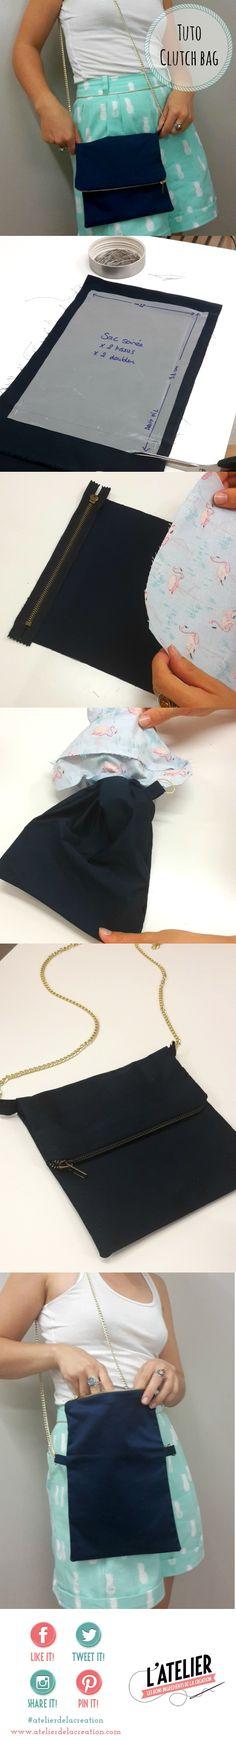 Tuto couture clutch bag - pochette de soirée - Tuto Atelier de la Création